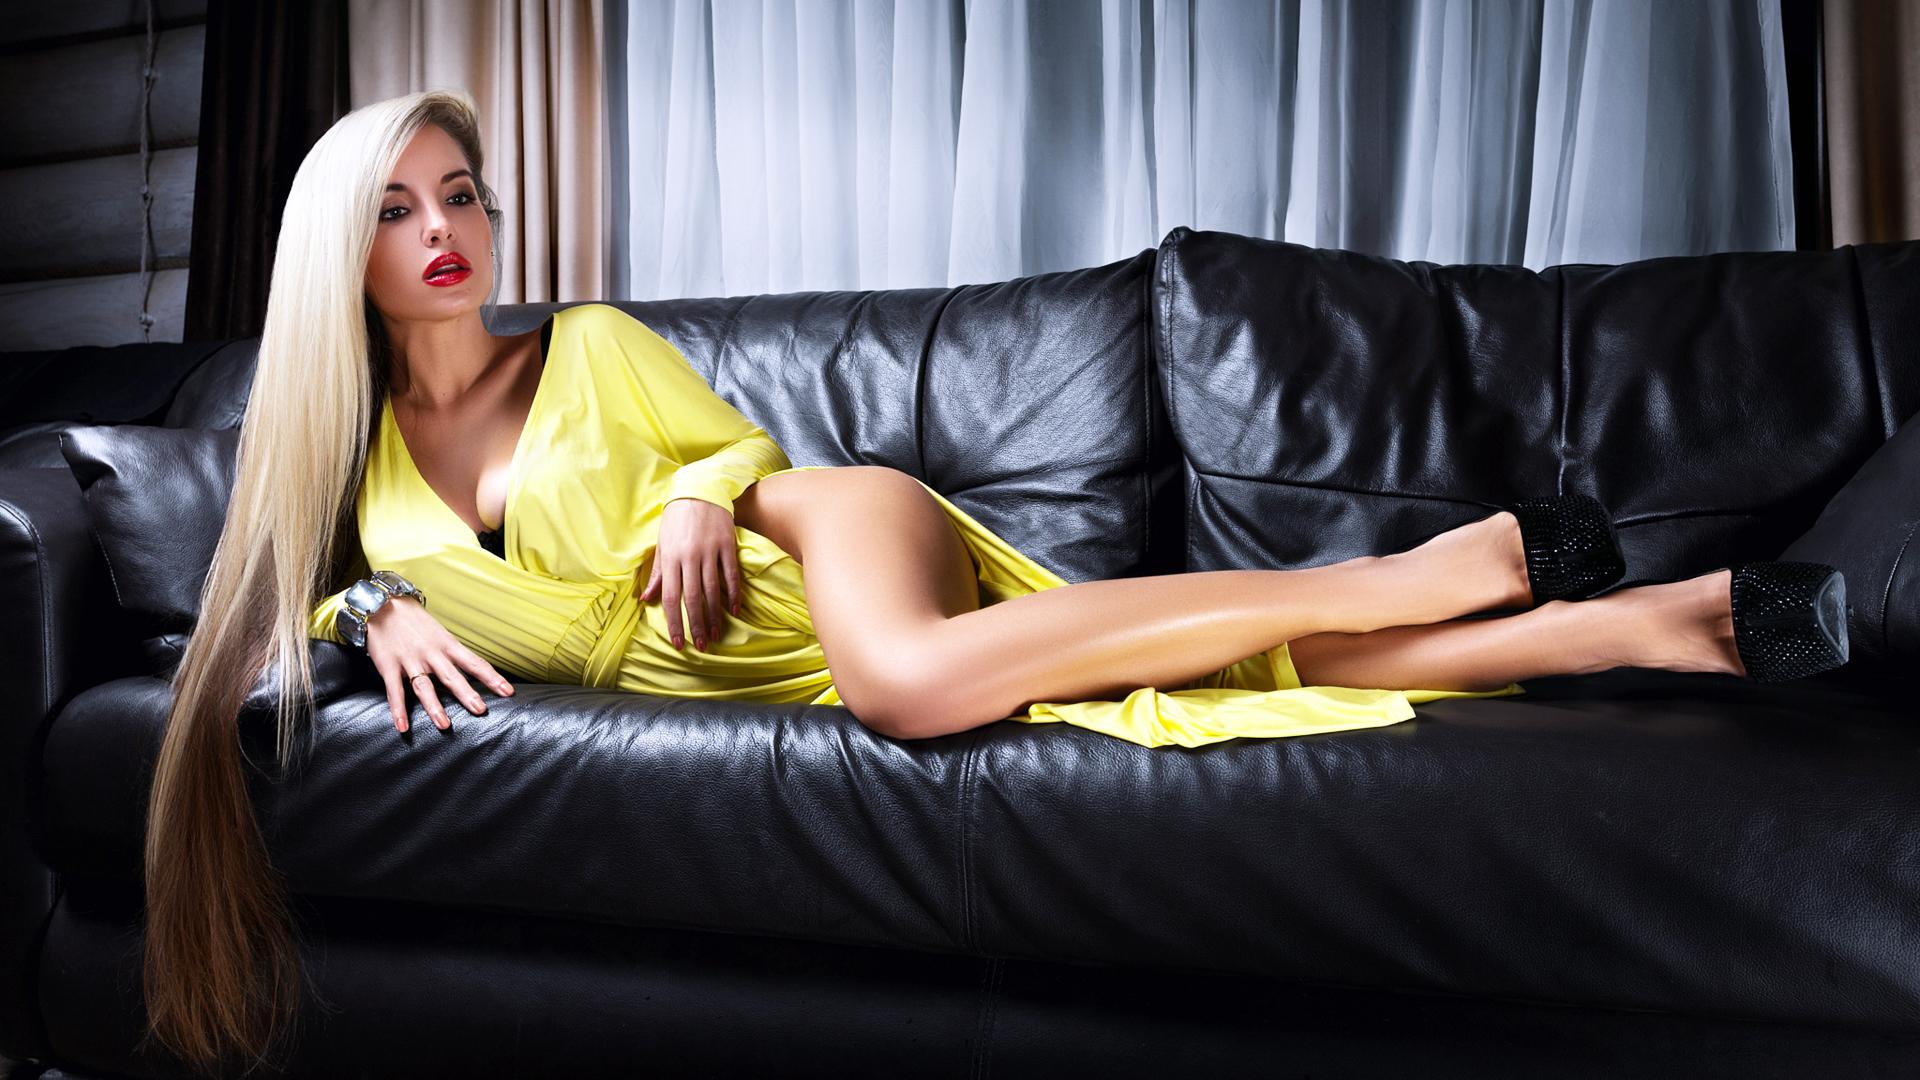 analnoe-porno-s-hudoy-blondinkoy